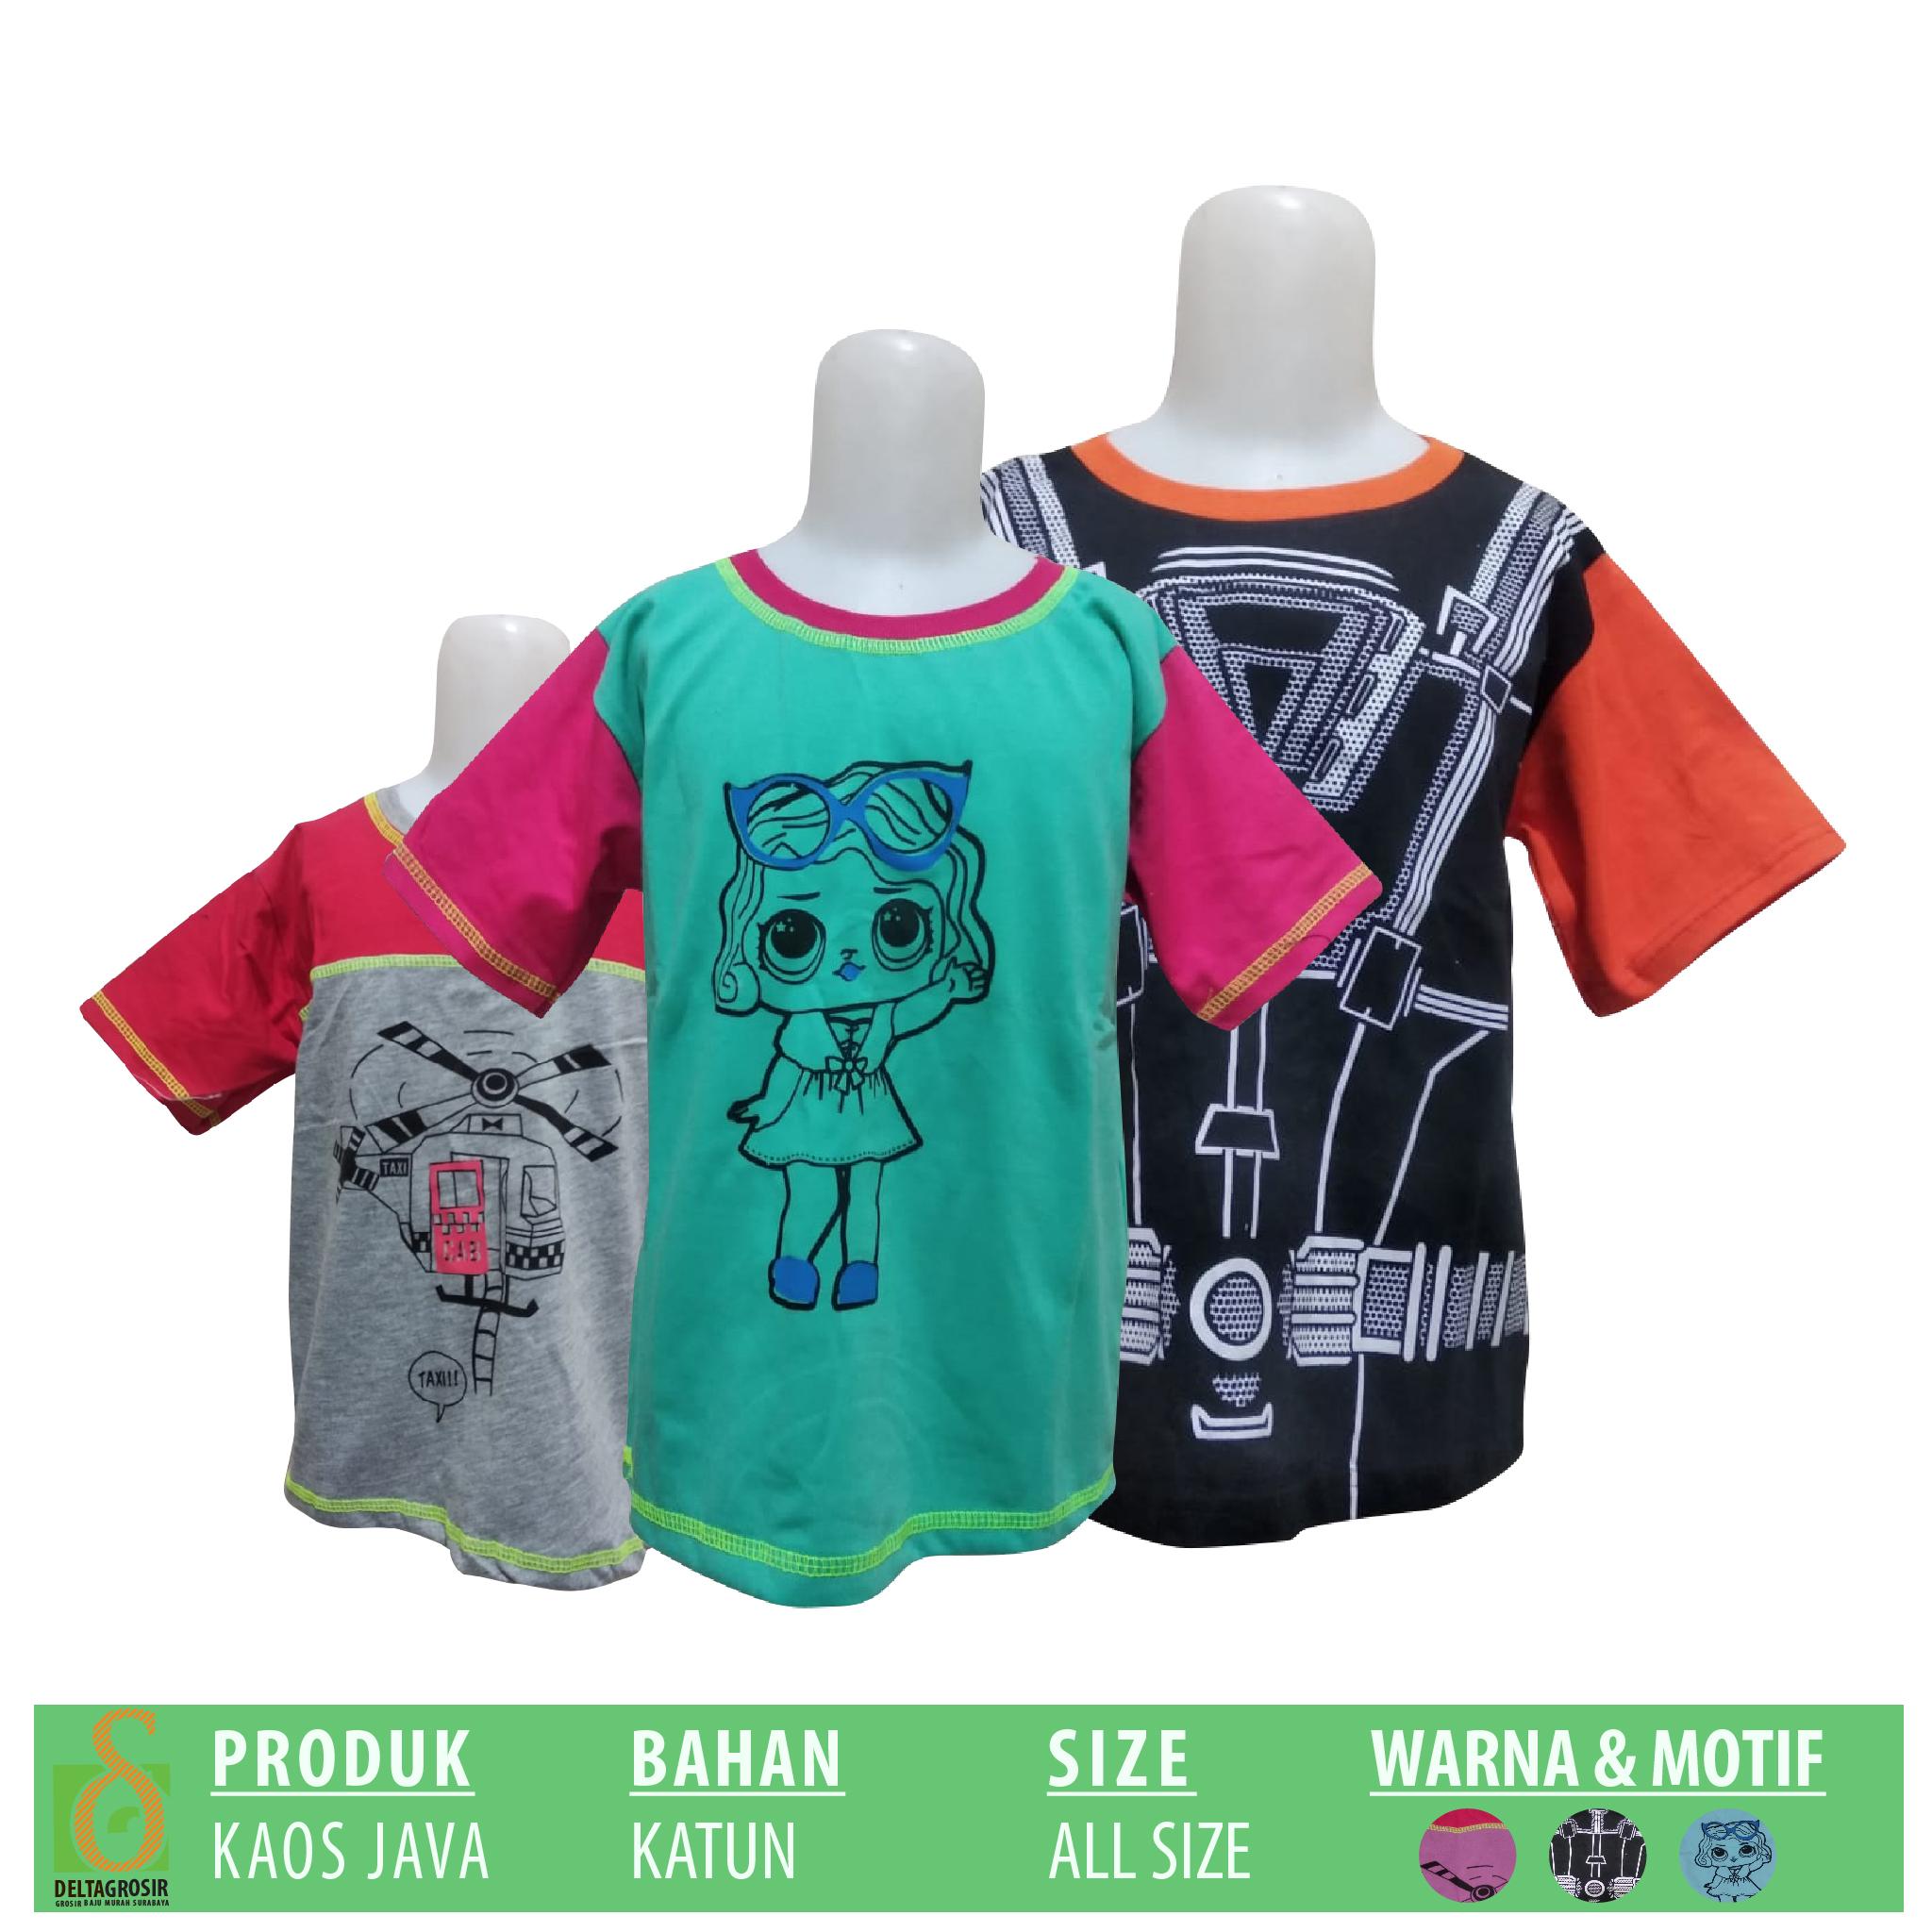 Pabrik Kaos Java Anak Murah 8ribuan